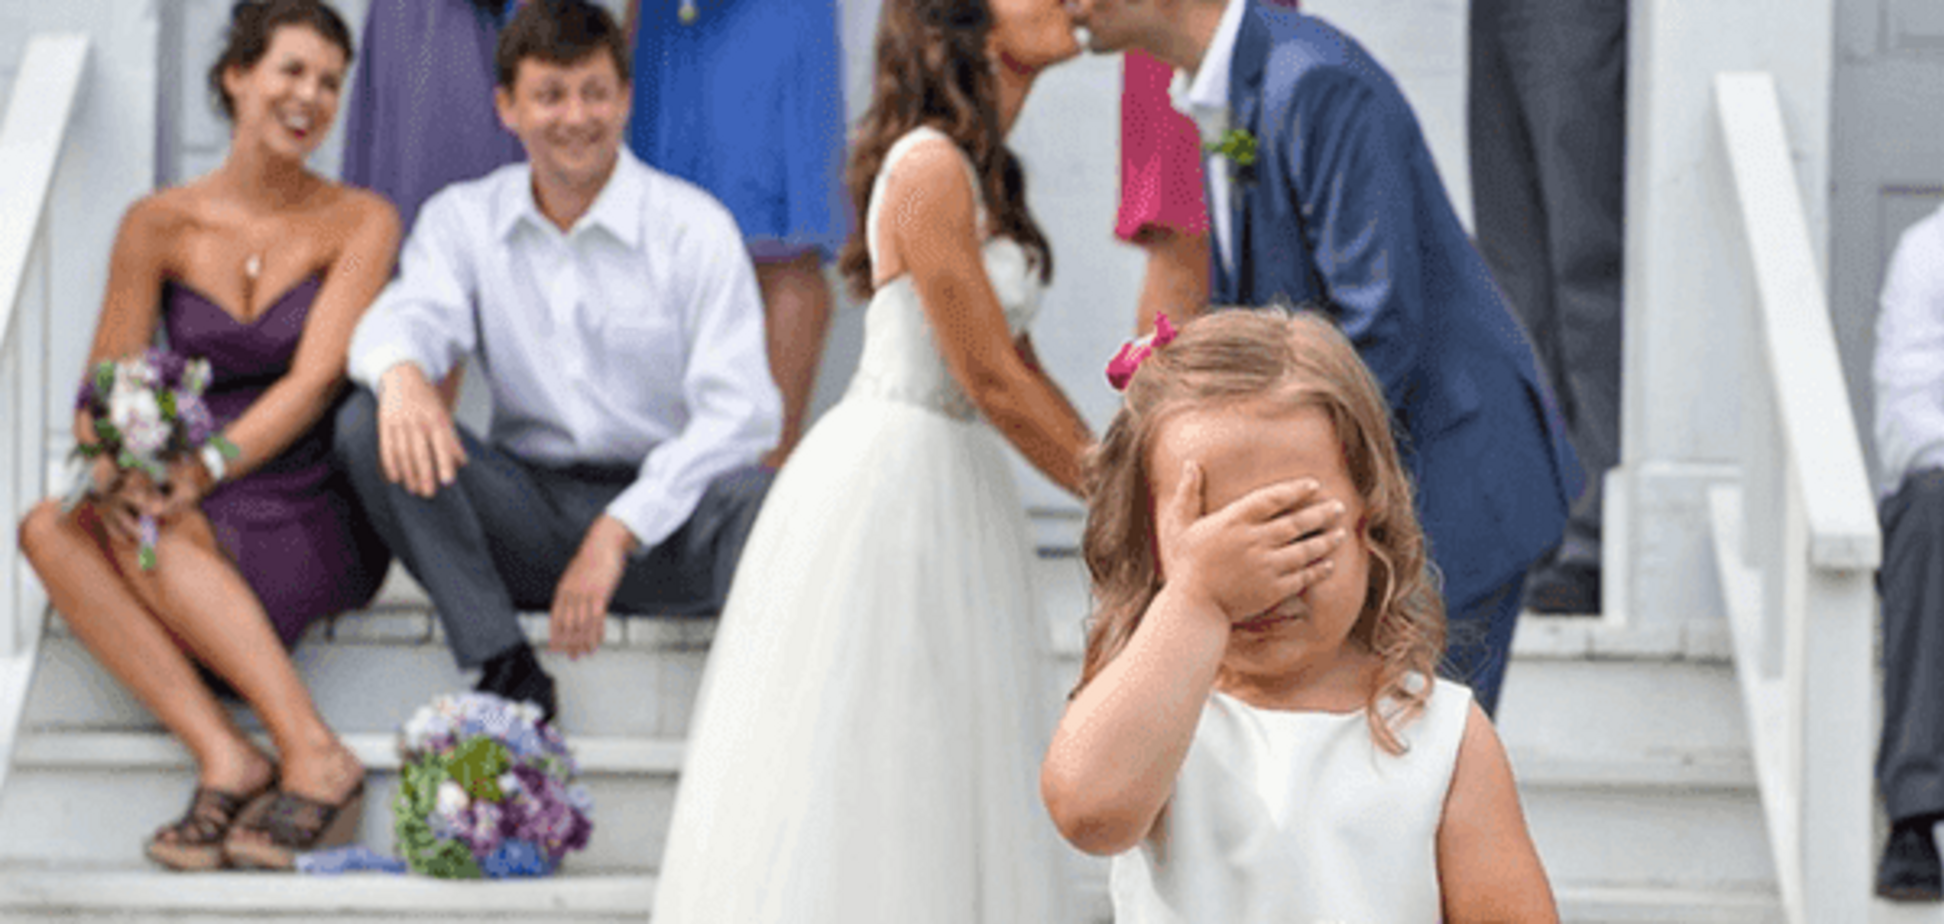 Дети участвуют в свадебной церемонии? Плохая идея (видео)